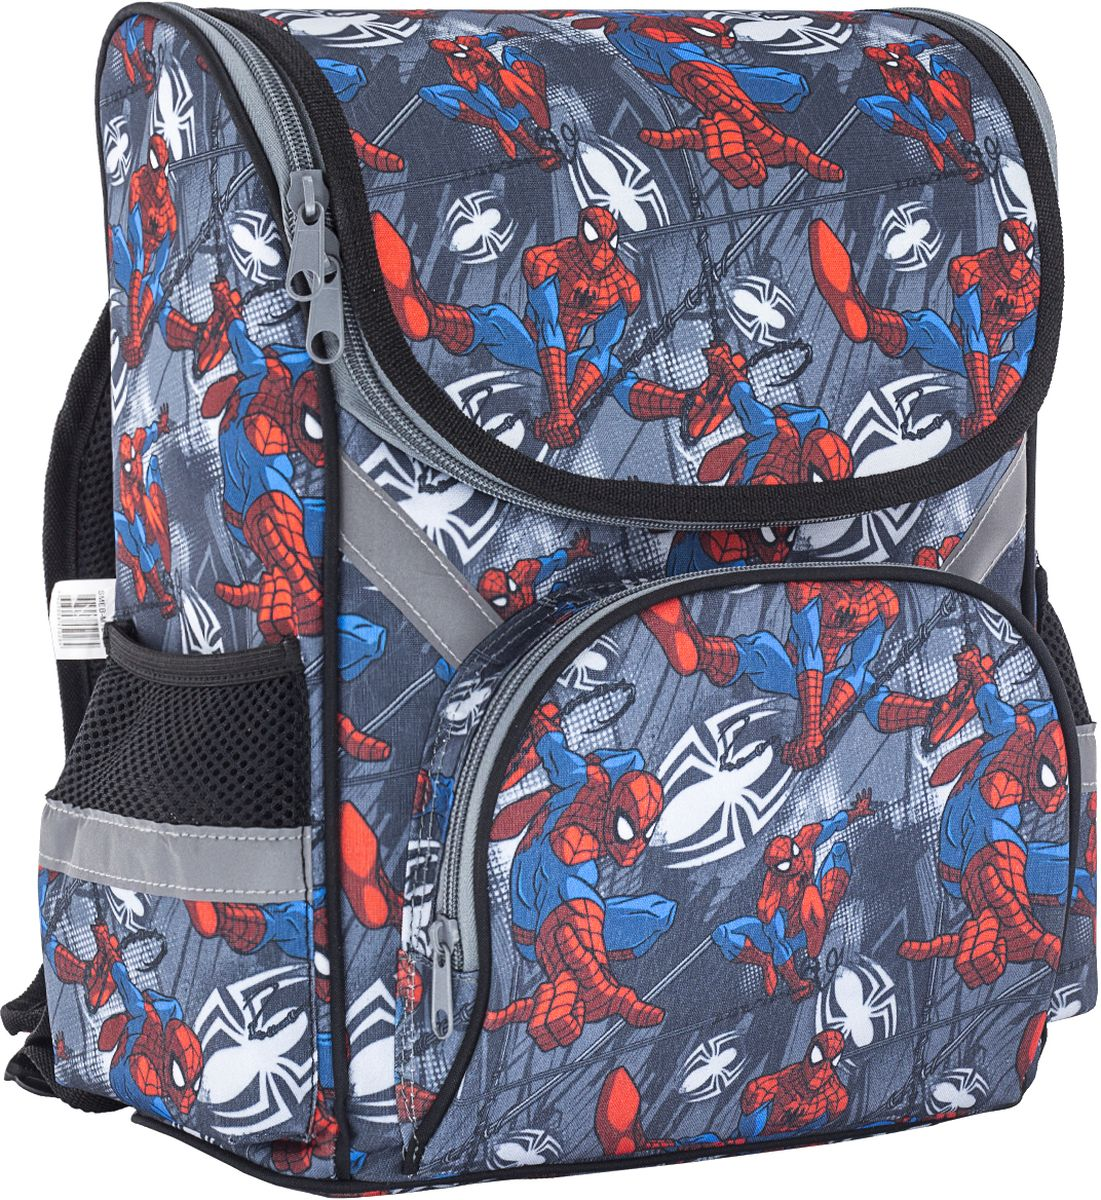 Spider-man Classic Ранец школьный SMEB-MT2-131SMEB-MT2-131Рюкзак. Спинка и дно усилены пластиковой вставкой. Внутри имеется вместительное отделение с одним разделителем, снаружи предусмотрены три кармана для аксессуаров. Лямки анатомической S-образной формы, свободно регулируются по длине, обеспечивая удобную посадку по фигуре; имеется ручка для ношения в руках. Размер 35 х 26,5 х 13 см.